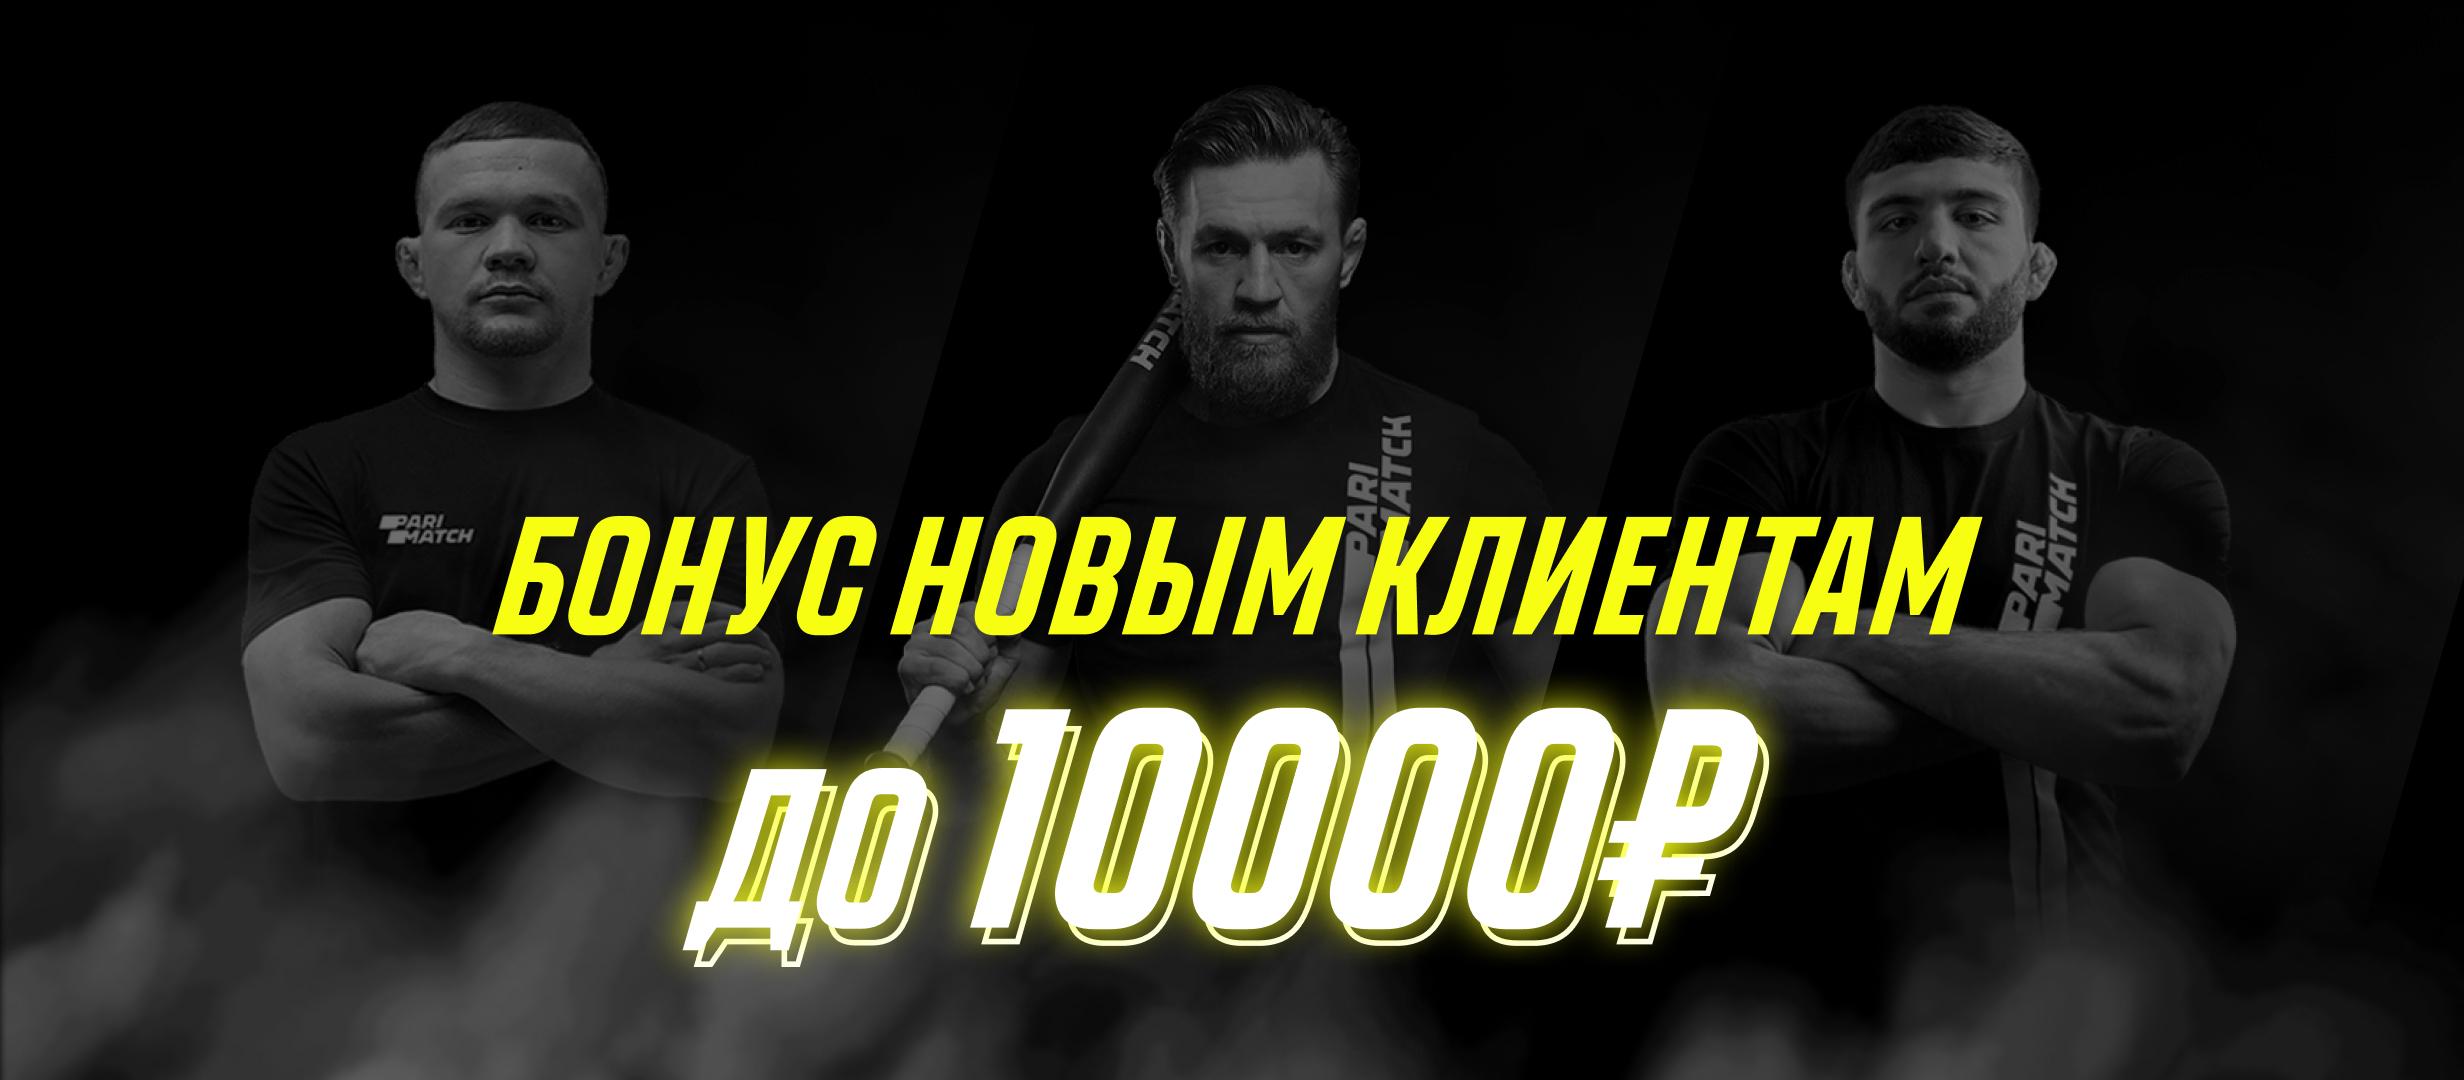 Кеш-бонус от Париматч 10000 ₽.